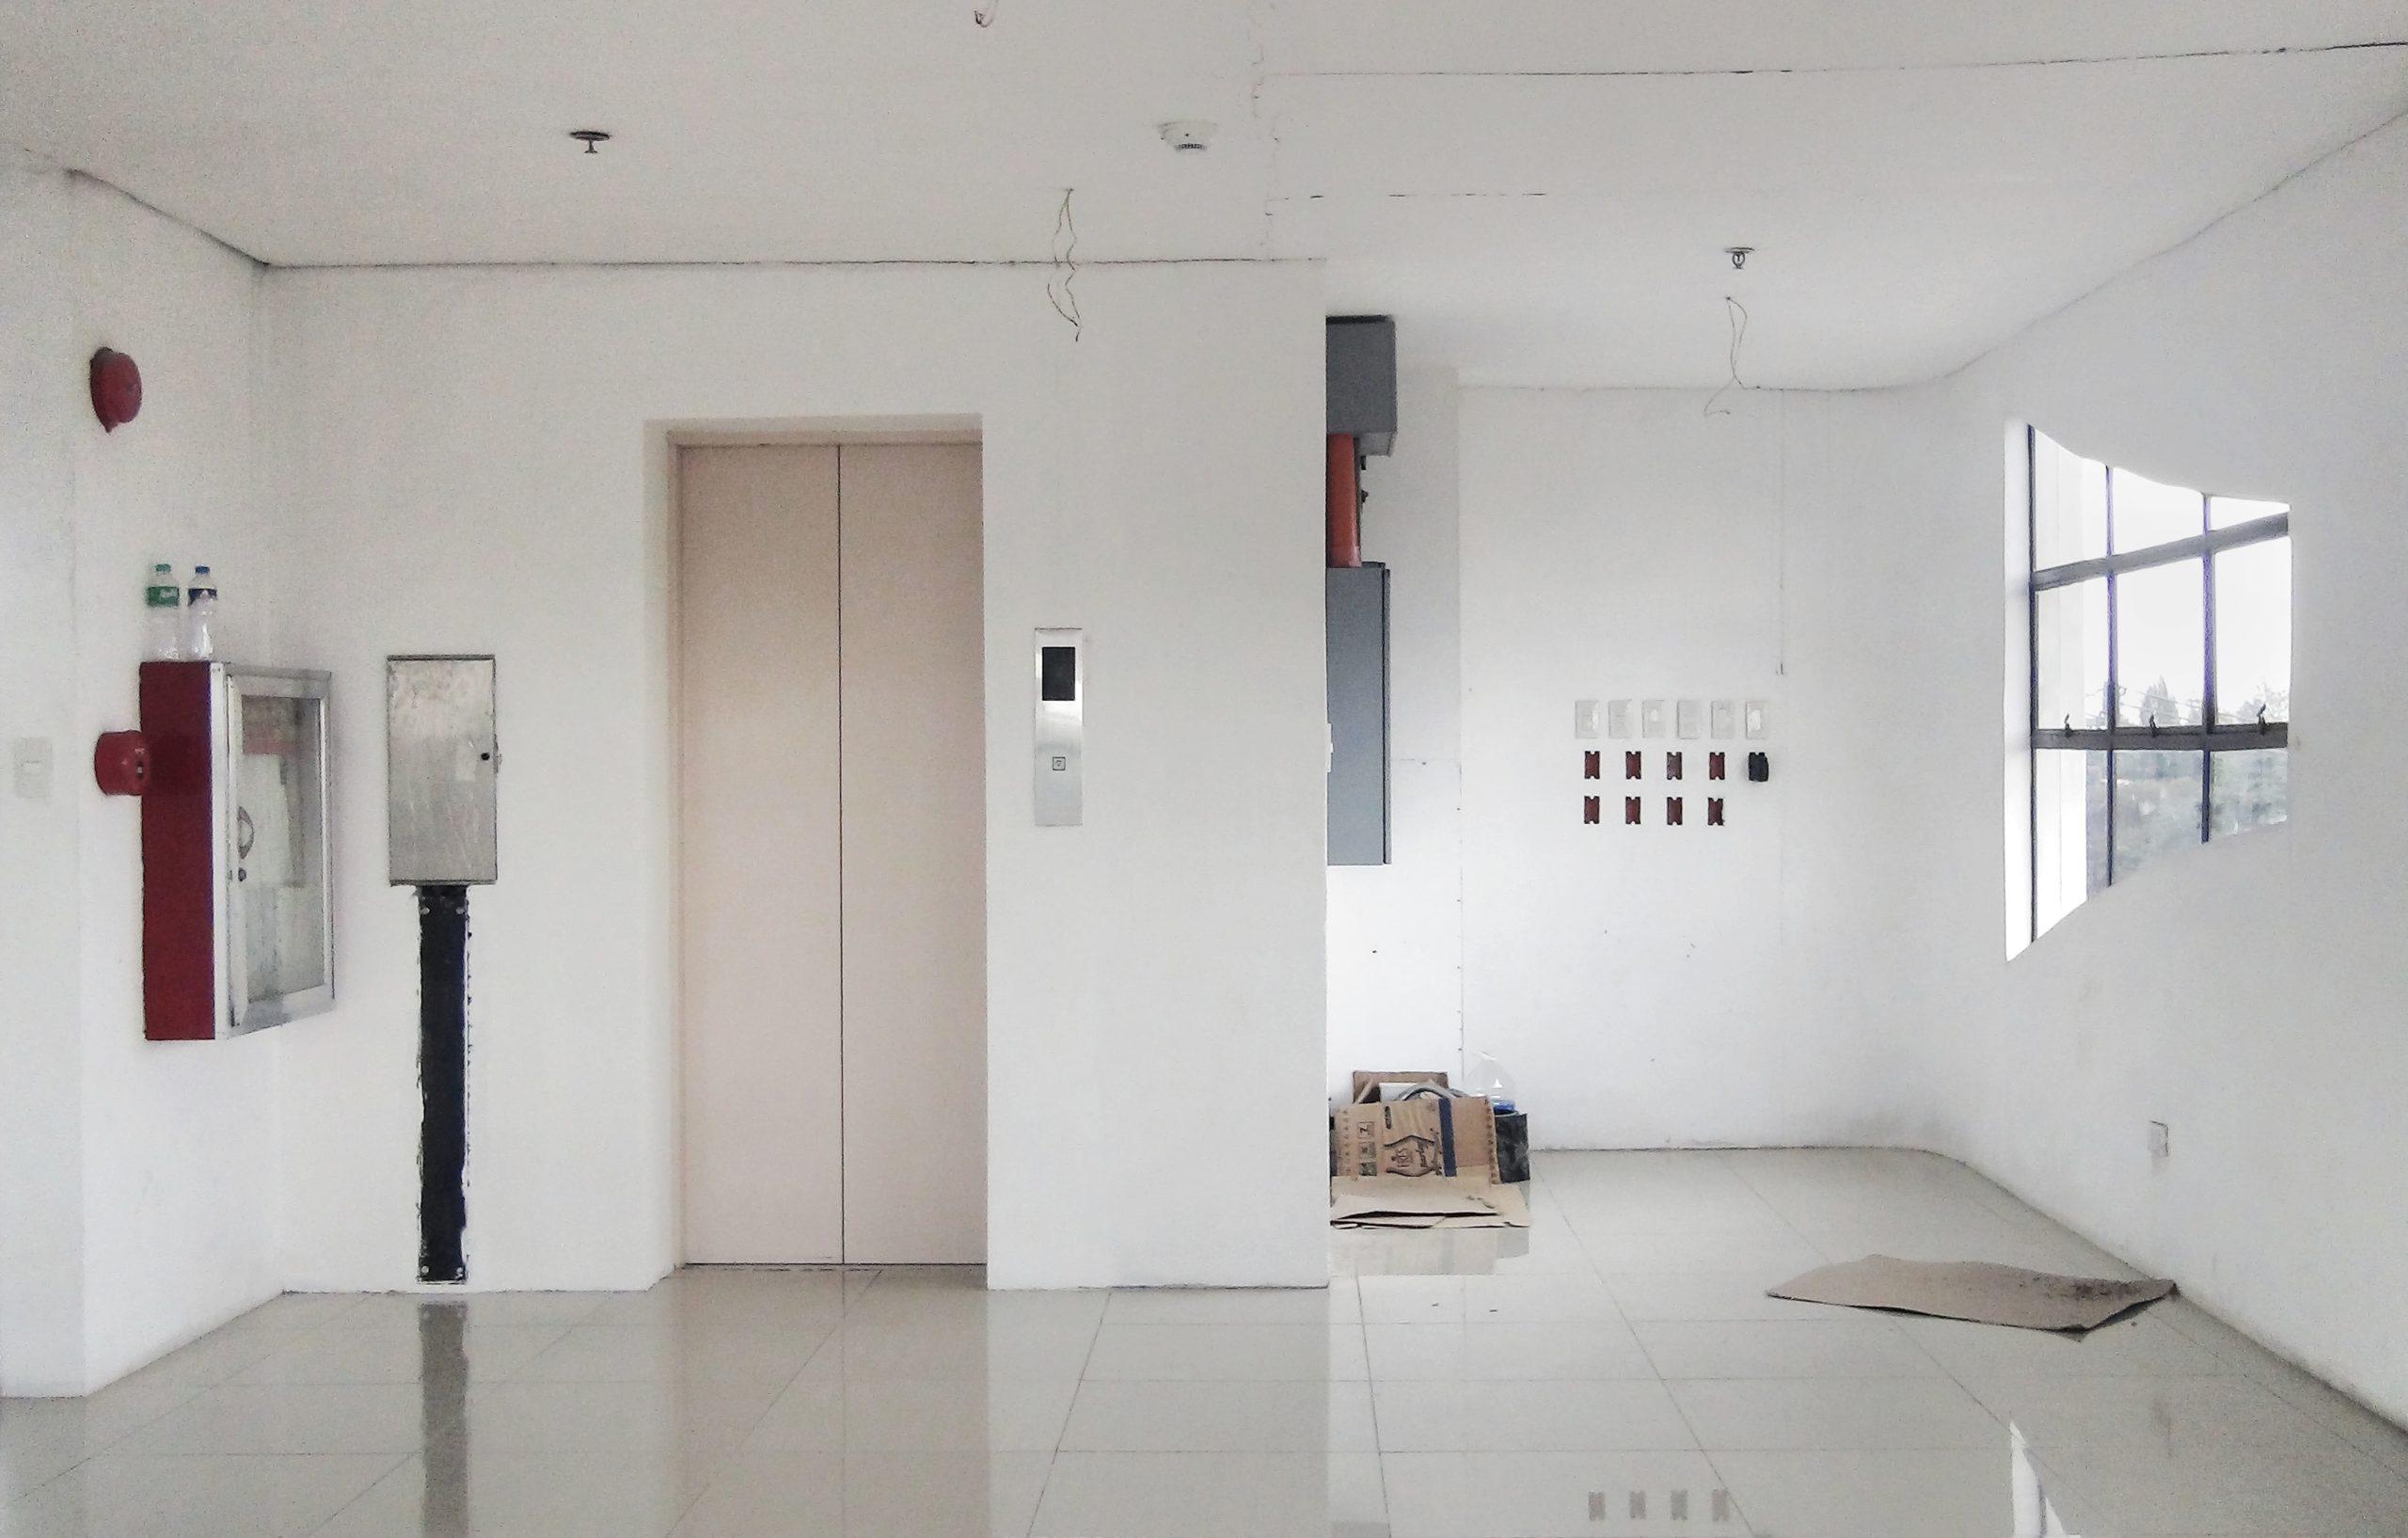 Imagem de um hall de prédio antigo e em reforma. É visível a porta de um elevador, janelas e mangueira de incêndio.